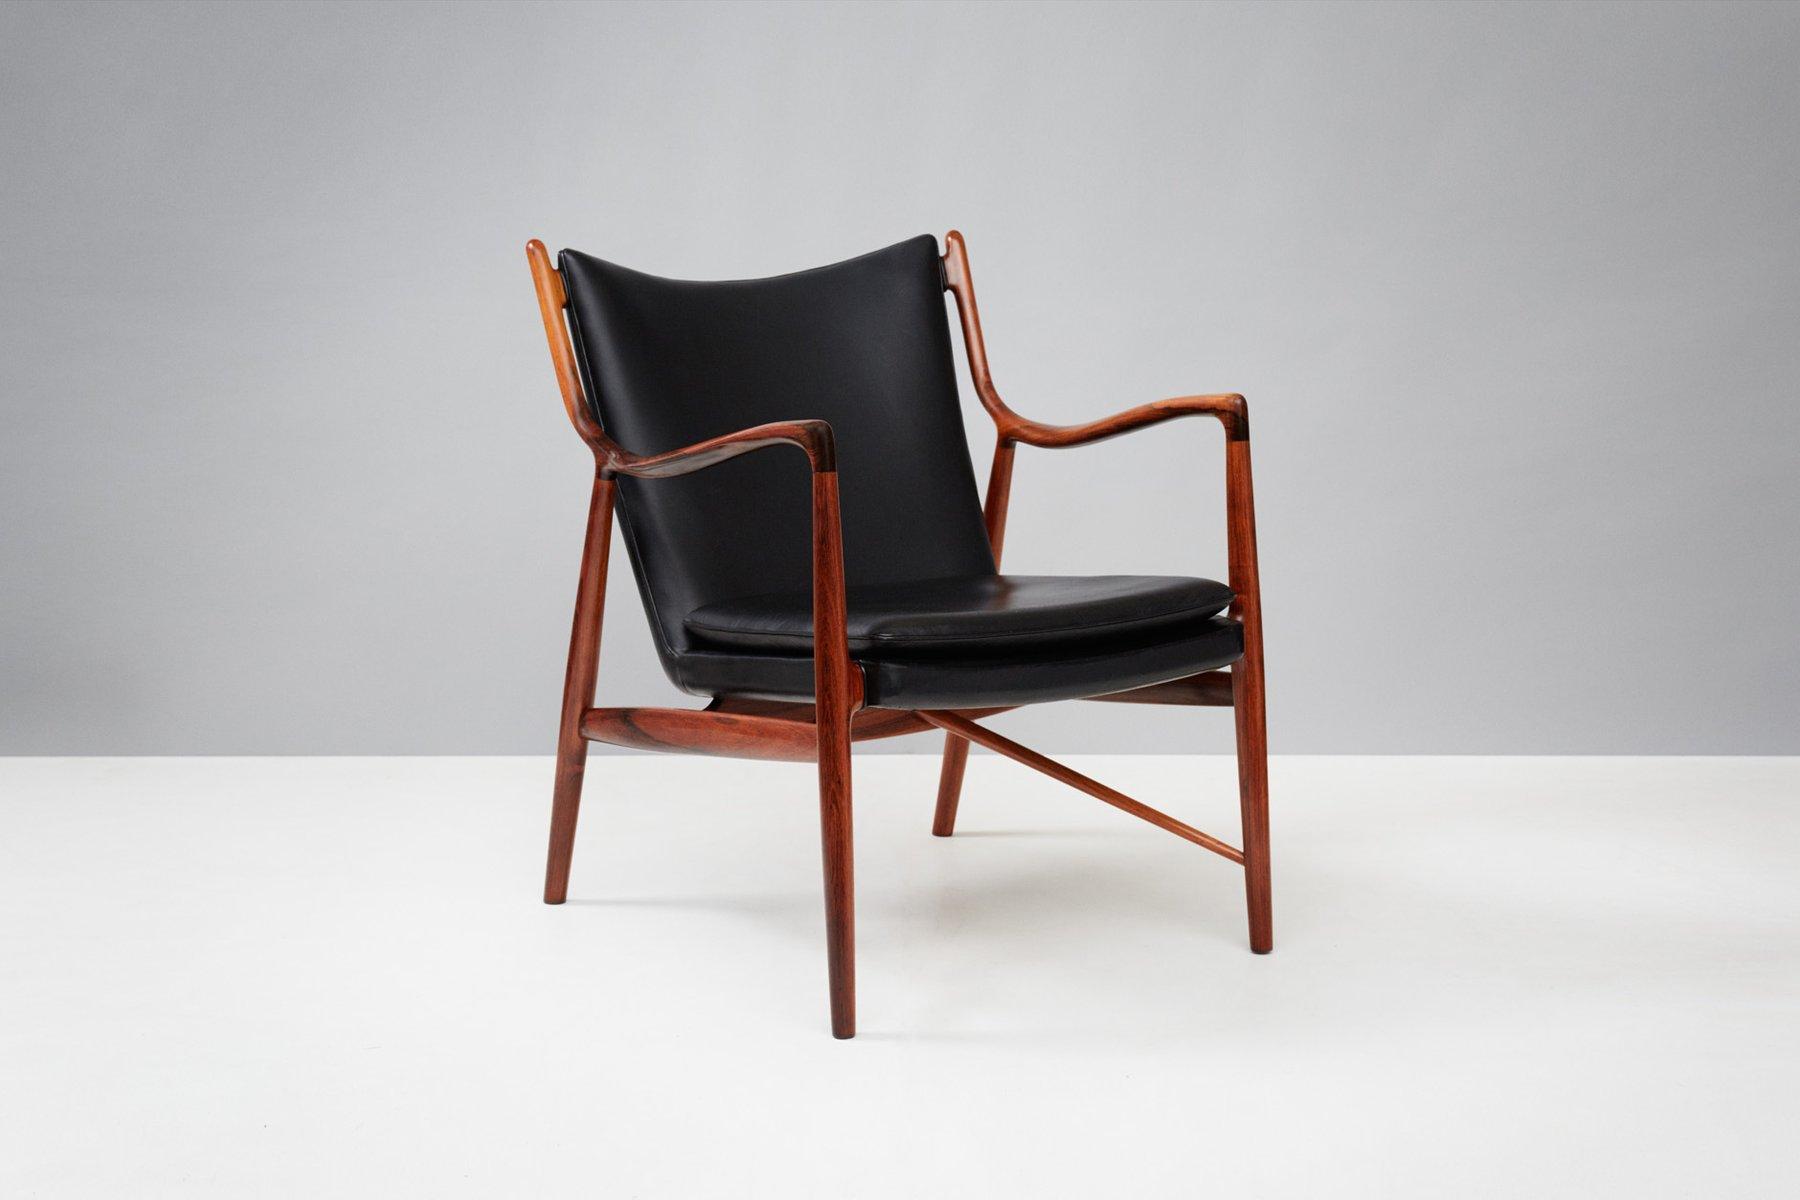 Vintage Modell FJ-45 Chair von Finn Juhl für Niels Vodder